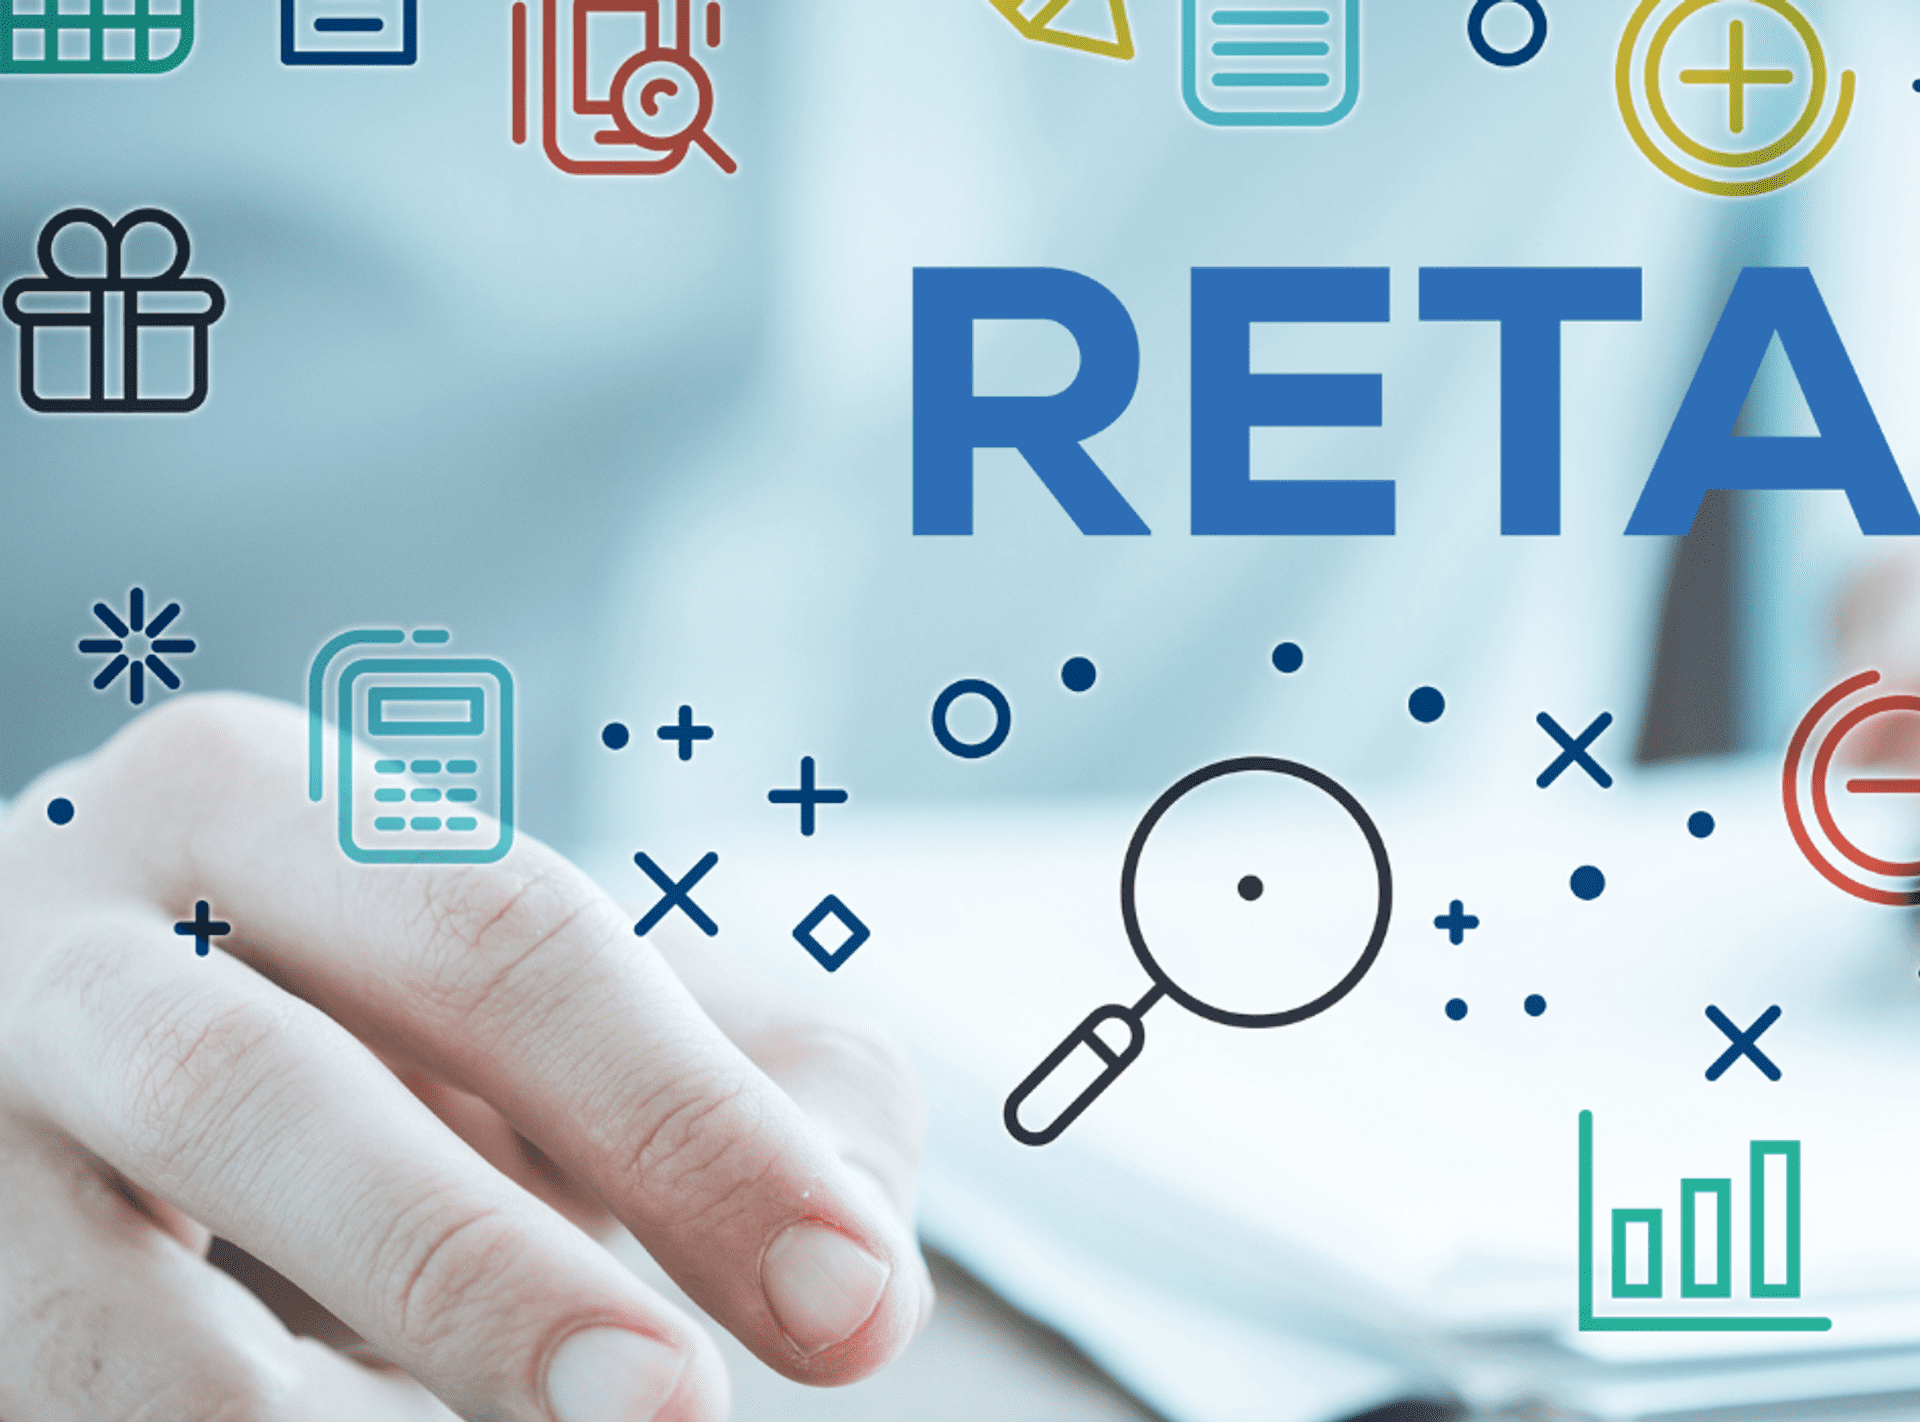 Accruent - Resources - Webinars - Générez des avantages concurrentiels en combinant sur une même plateforme GMAO & IoT pour vos points de vente - Hero